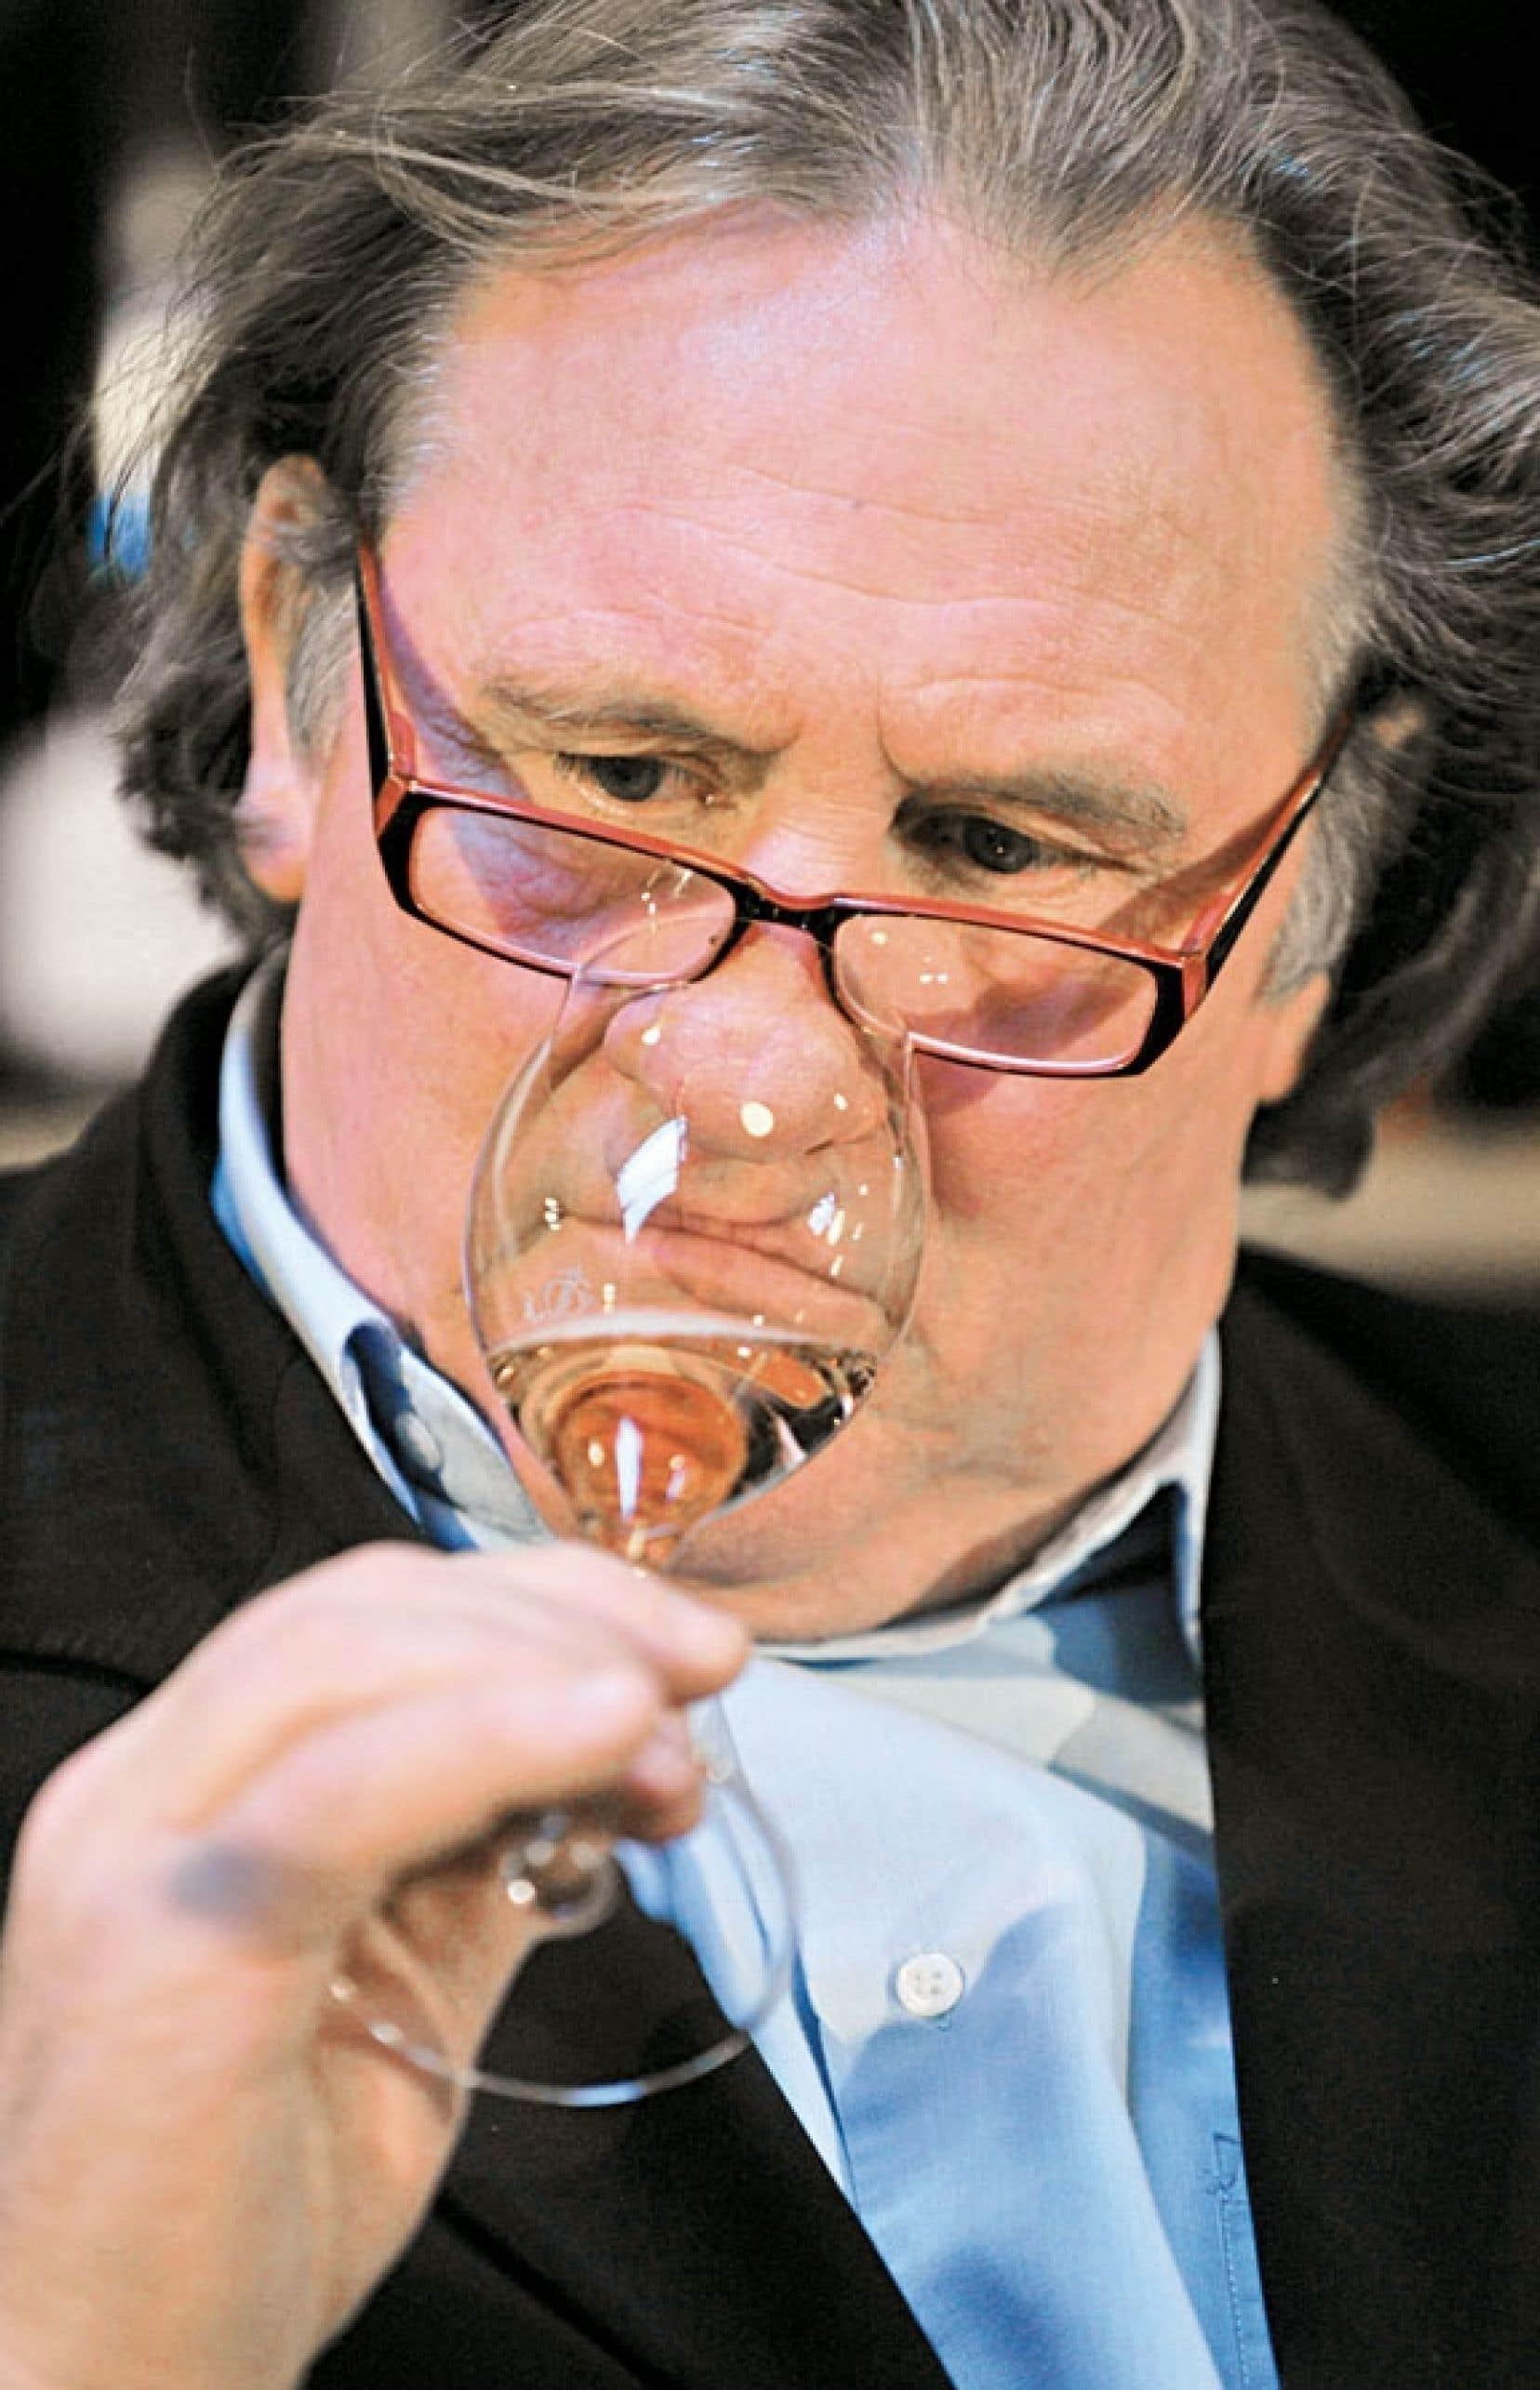 <div> Loin de s'émouvoir sur la vindicte politique dont Gérard Depardieu fait toujours l'objet, Vincent Maraval croit, cela dit, qu'il serait plus pertinent de dénoncer le système, et non l'individu.</div>